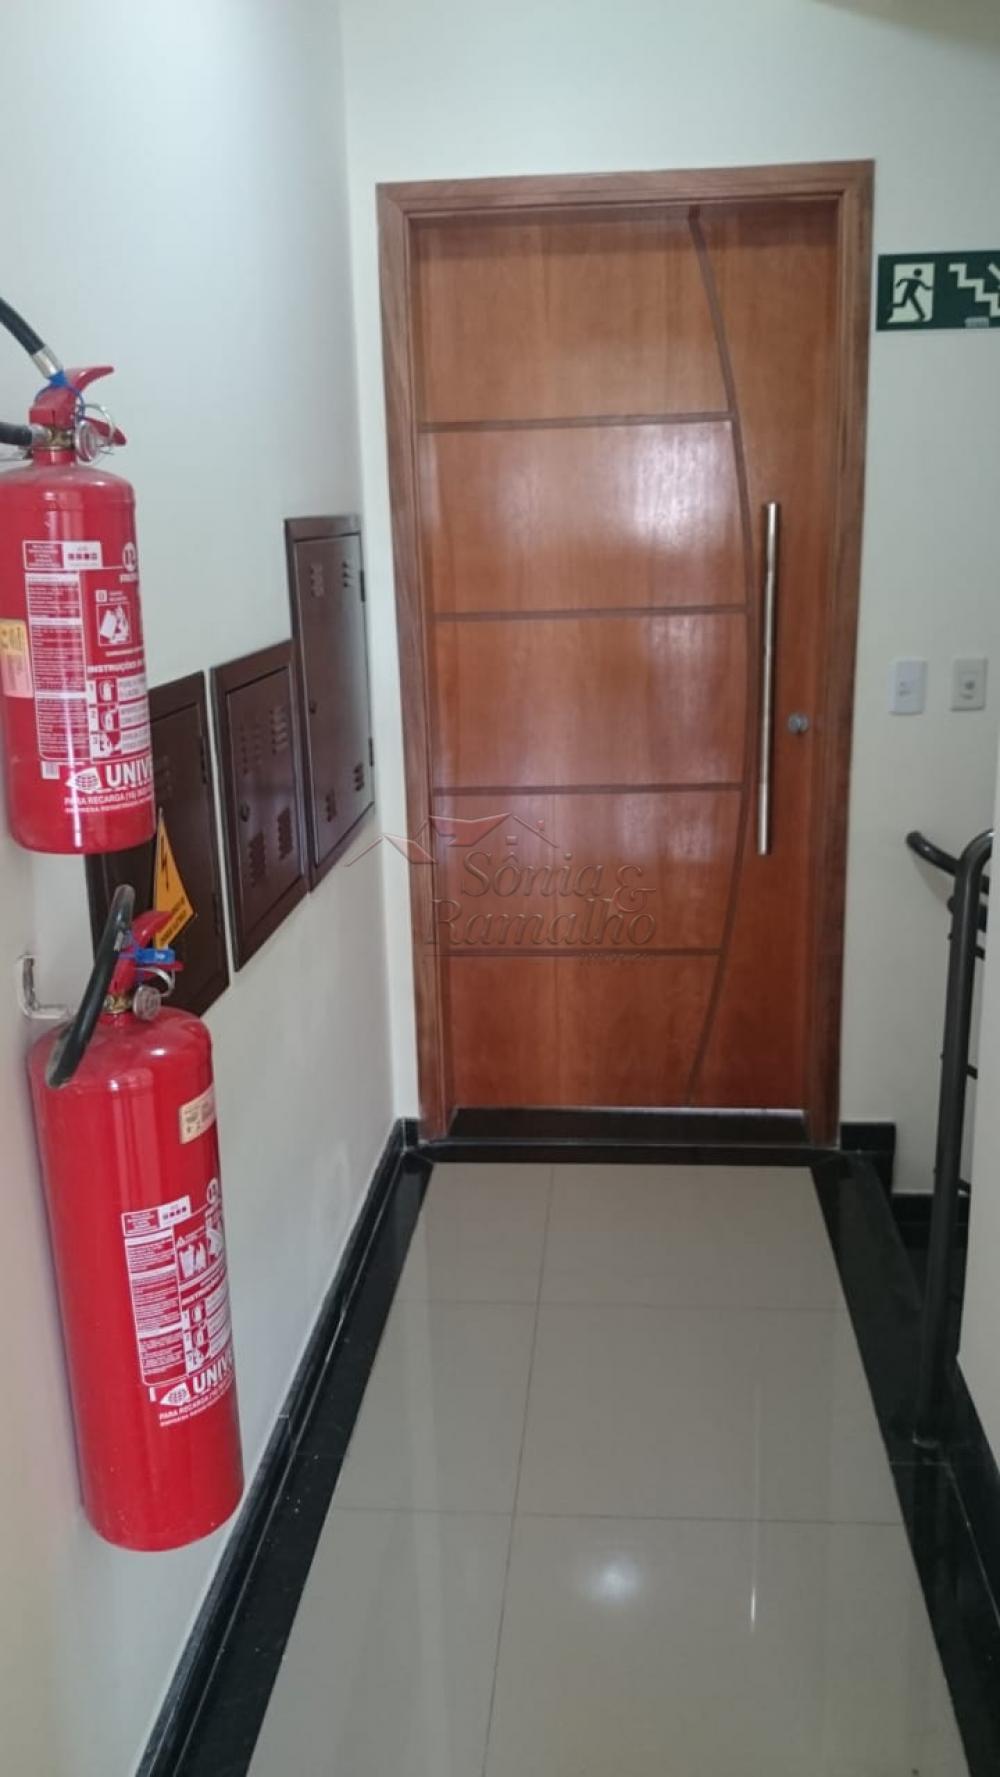 Comprar Apartamentos / Padrão em Ribeirão Preto apenas R$ 298.000,00 - Foto 3